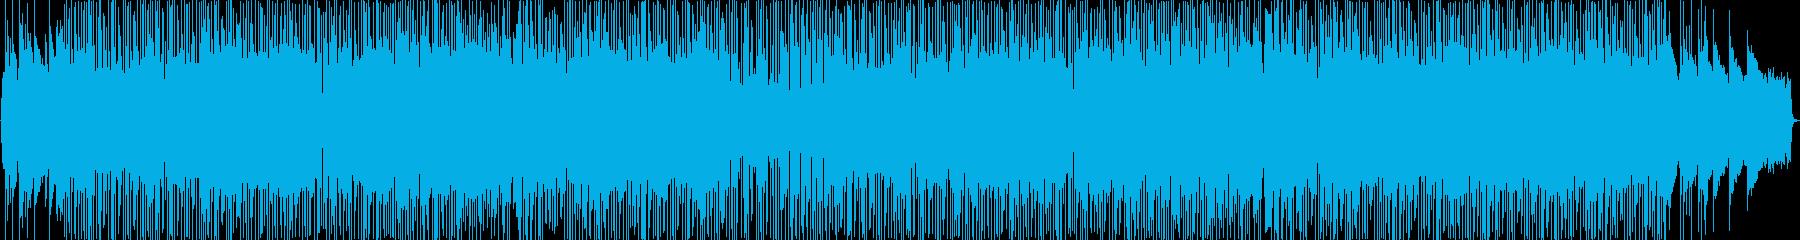 オルガンが印象的なファンキーなポップスの再生済みの波形